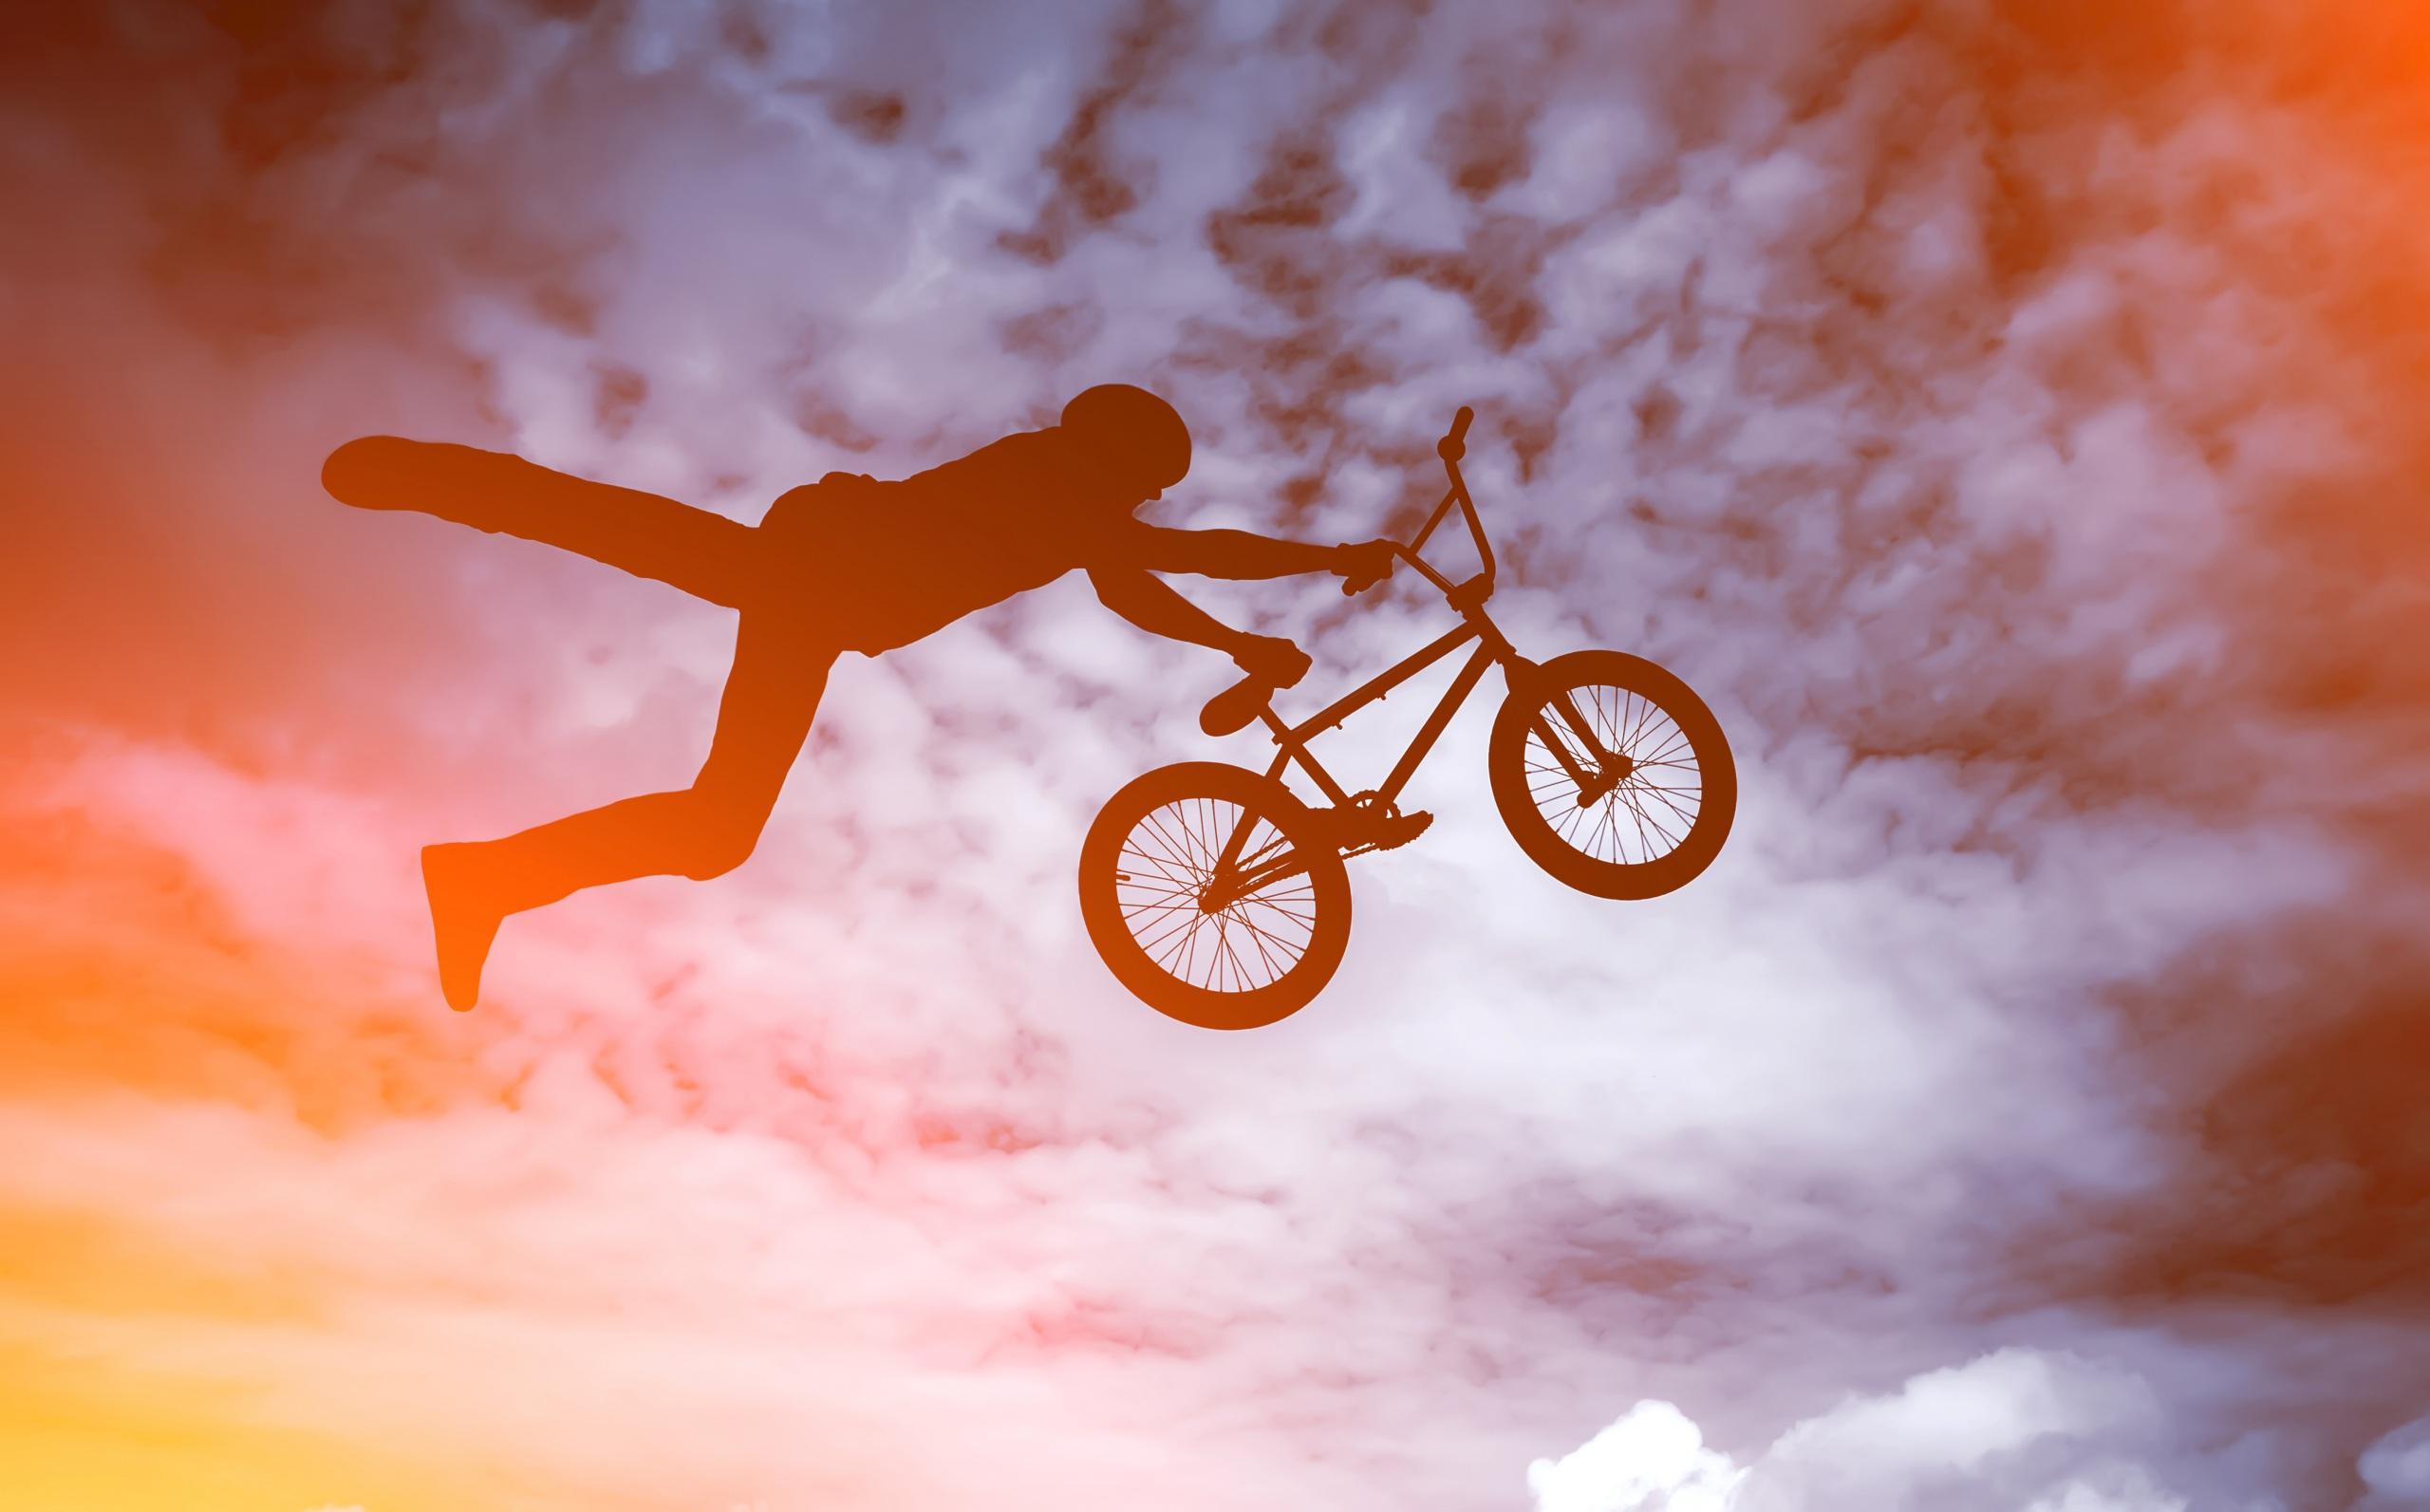 Картинка Мужчины Силуэт велосипеды Спорт Прыжок 2560x1593 силуэты силуэта Велосипед велосипеде спортивный спортивная спортивные прыгает прыгать в прыжке